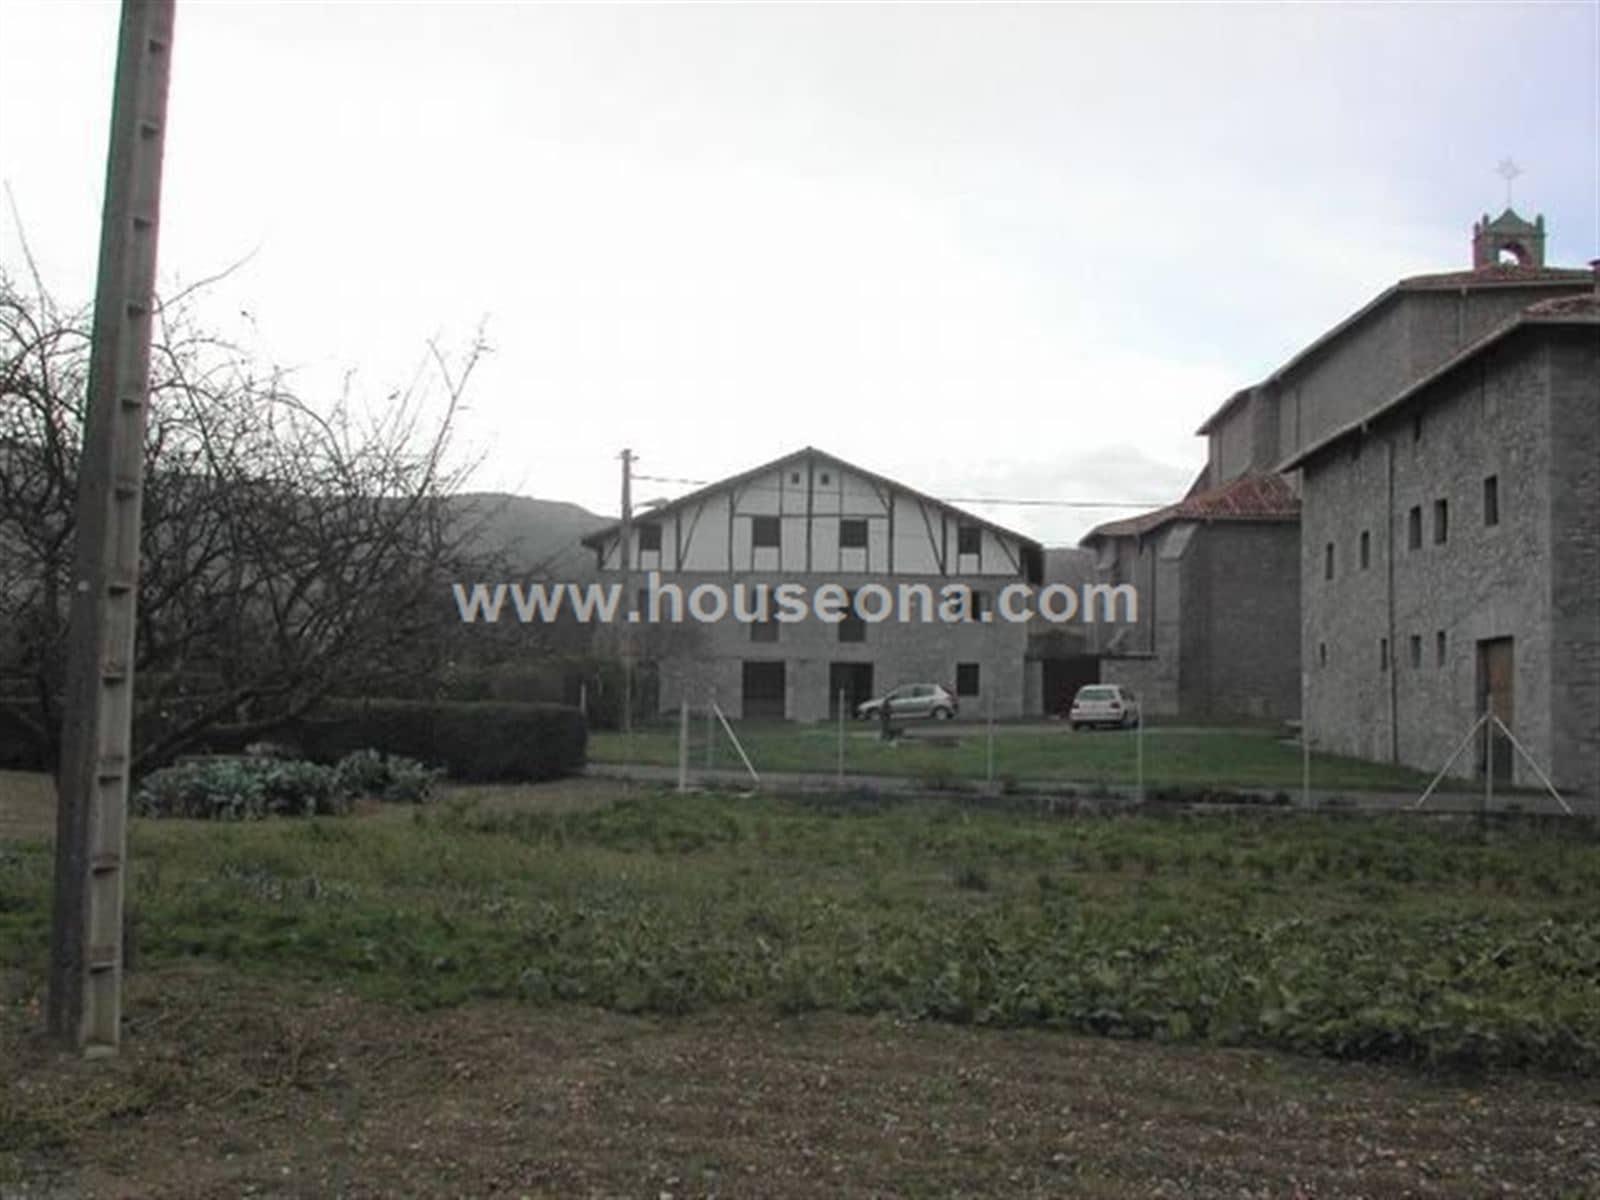 10 chambre Villa/Maison à vendre à Orduna - 2 400 000 € (Ref: 4173839)